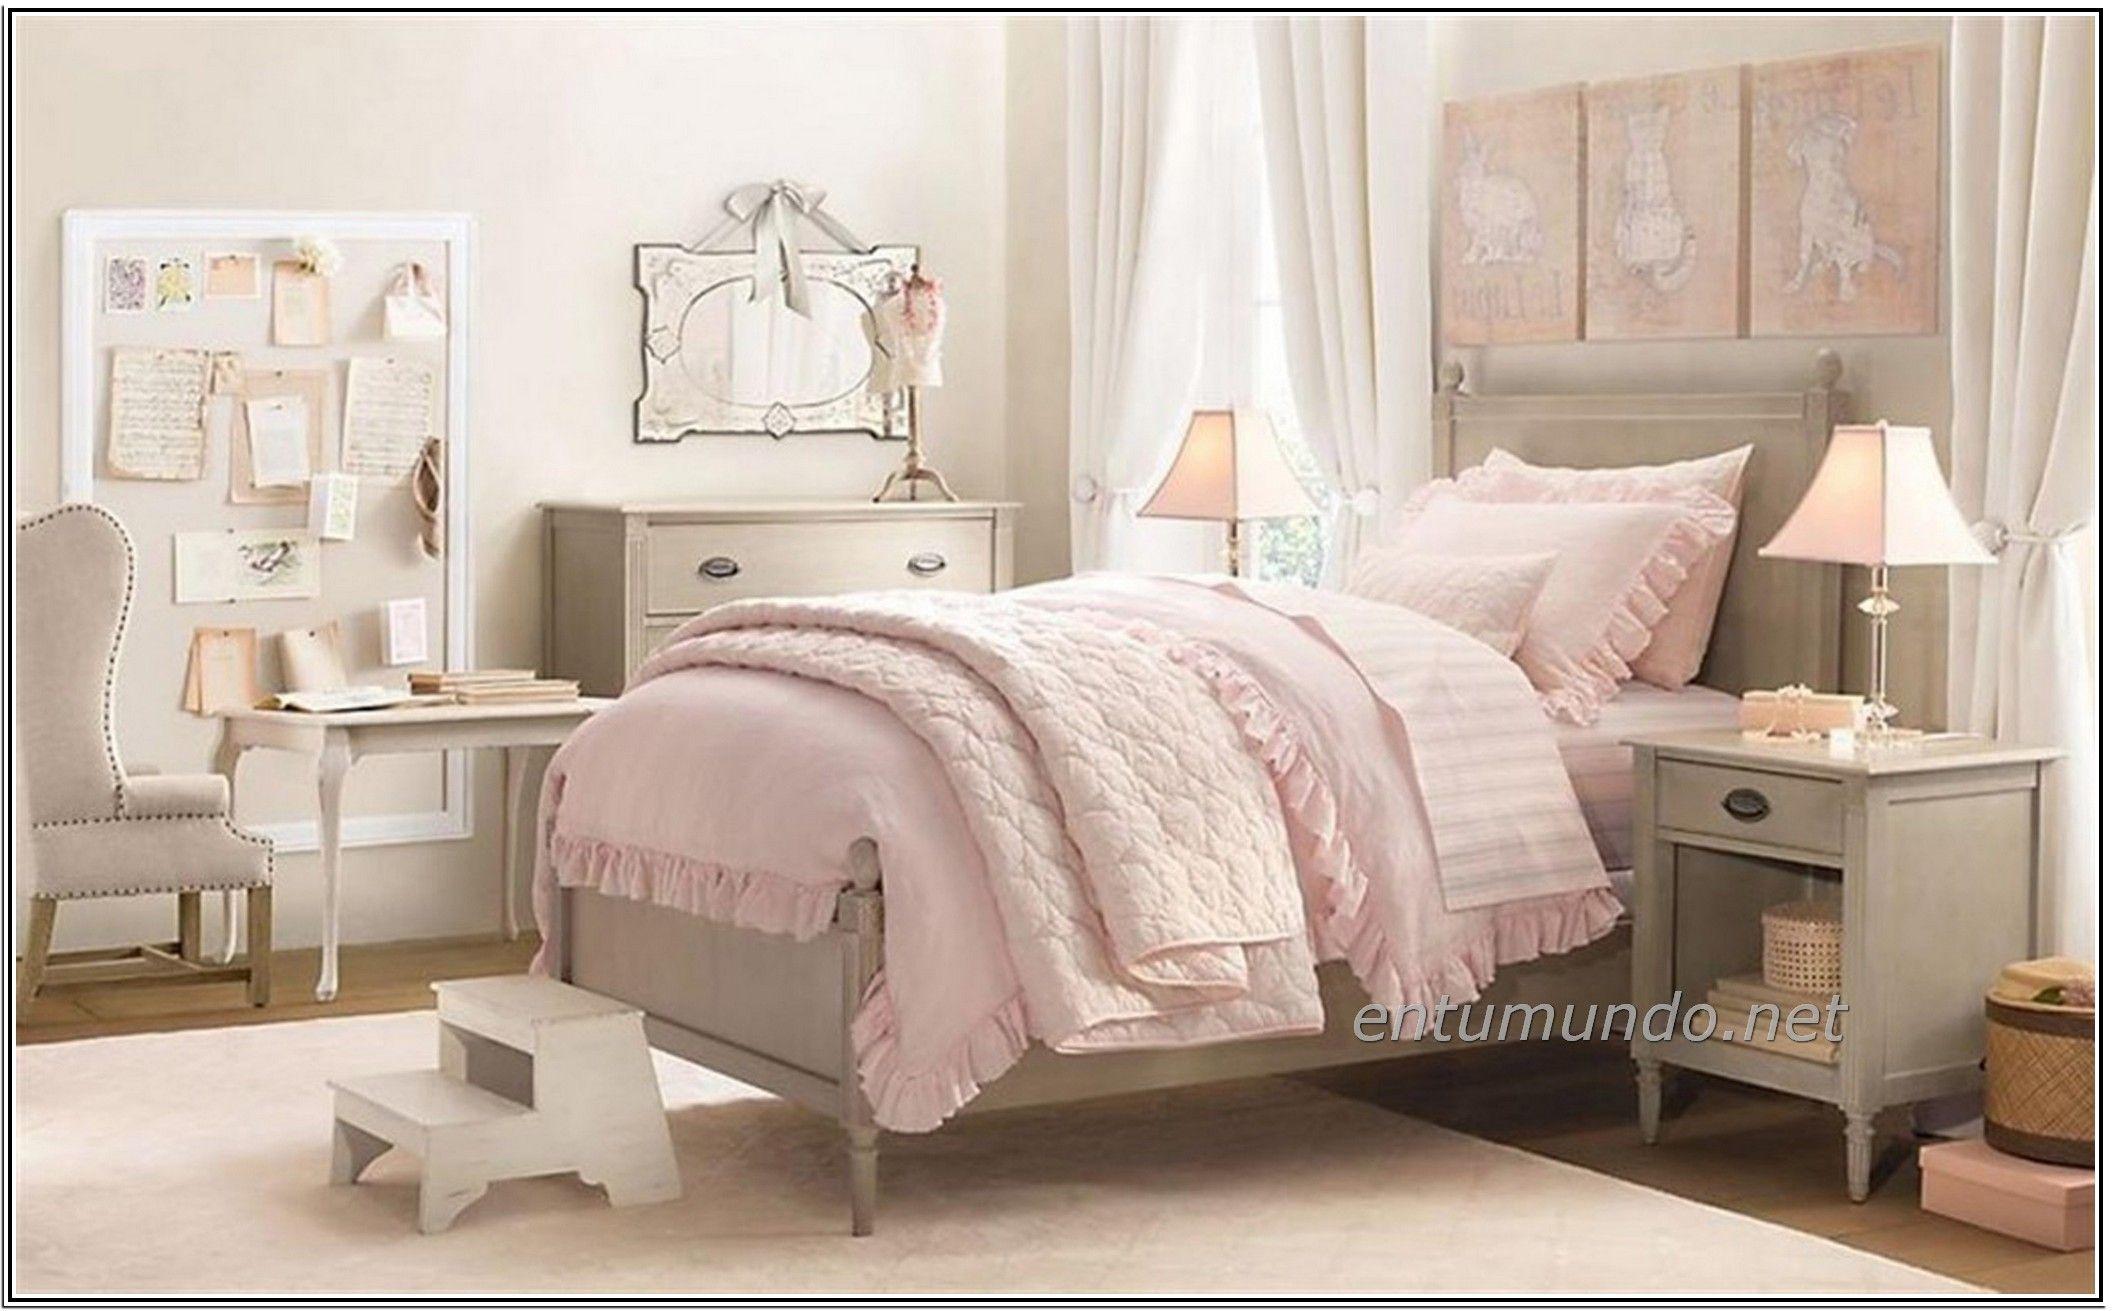 Pink Theme Room - Talian.store • Talian.store